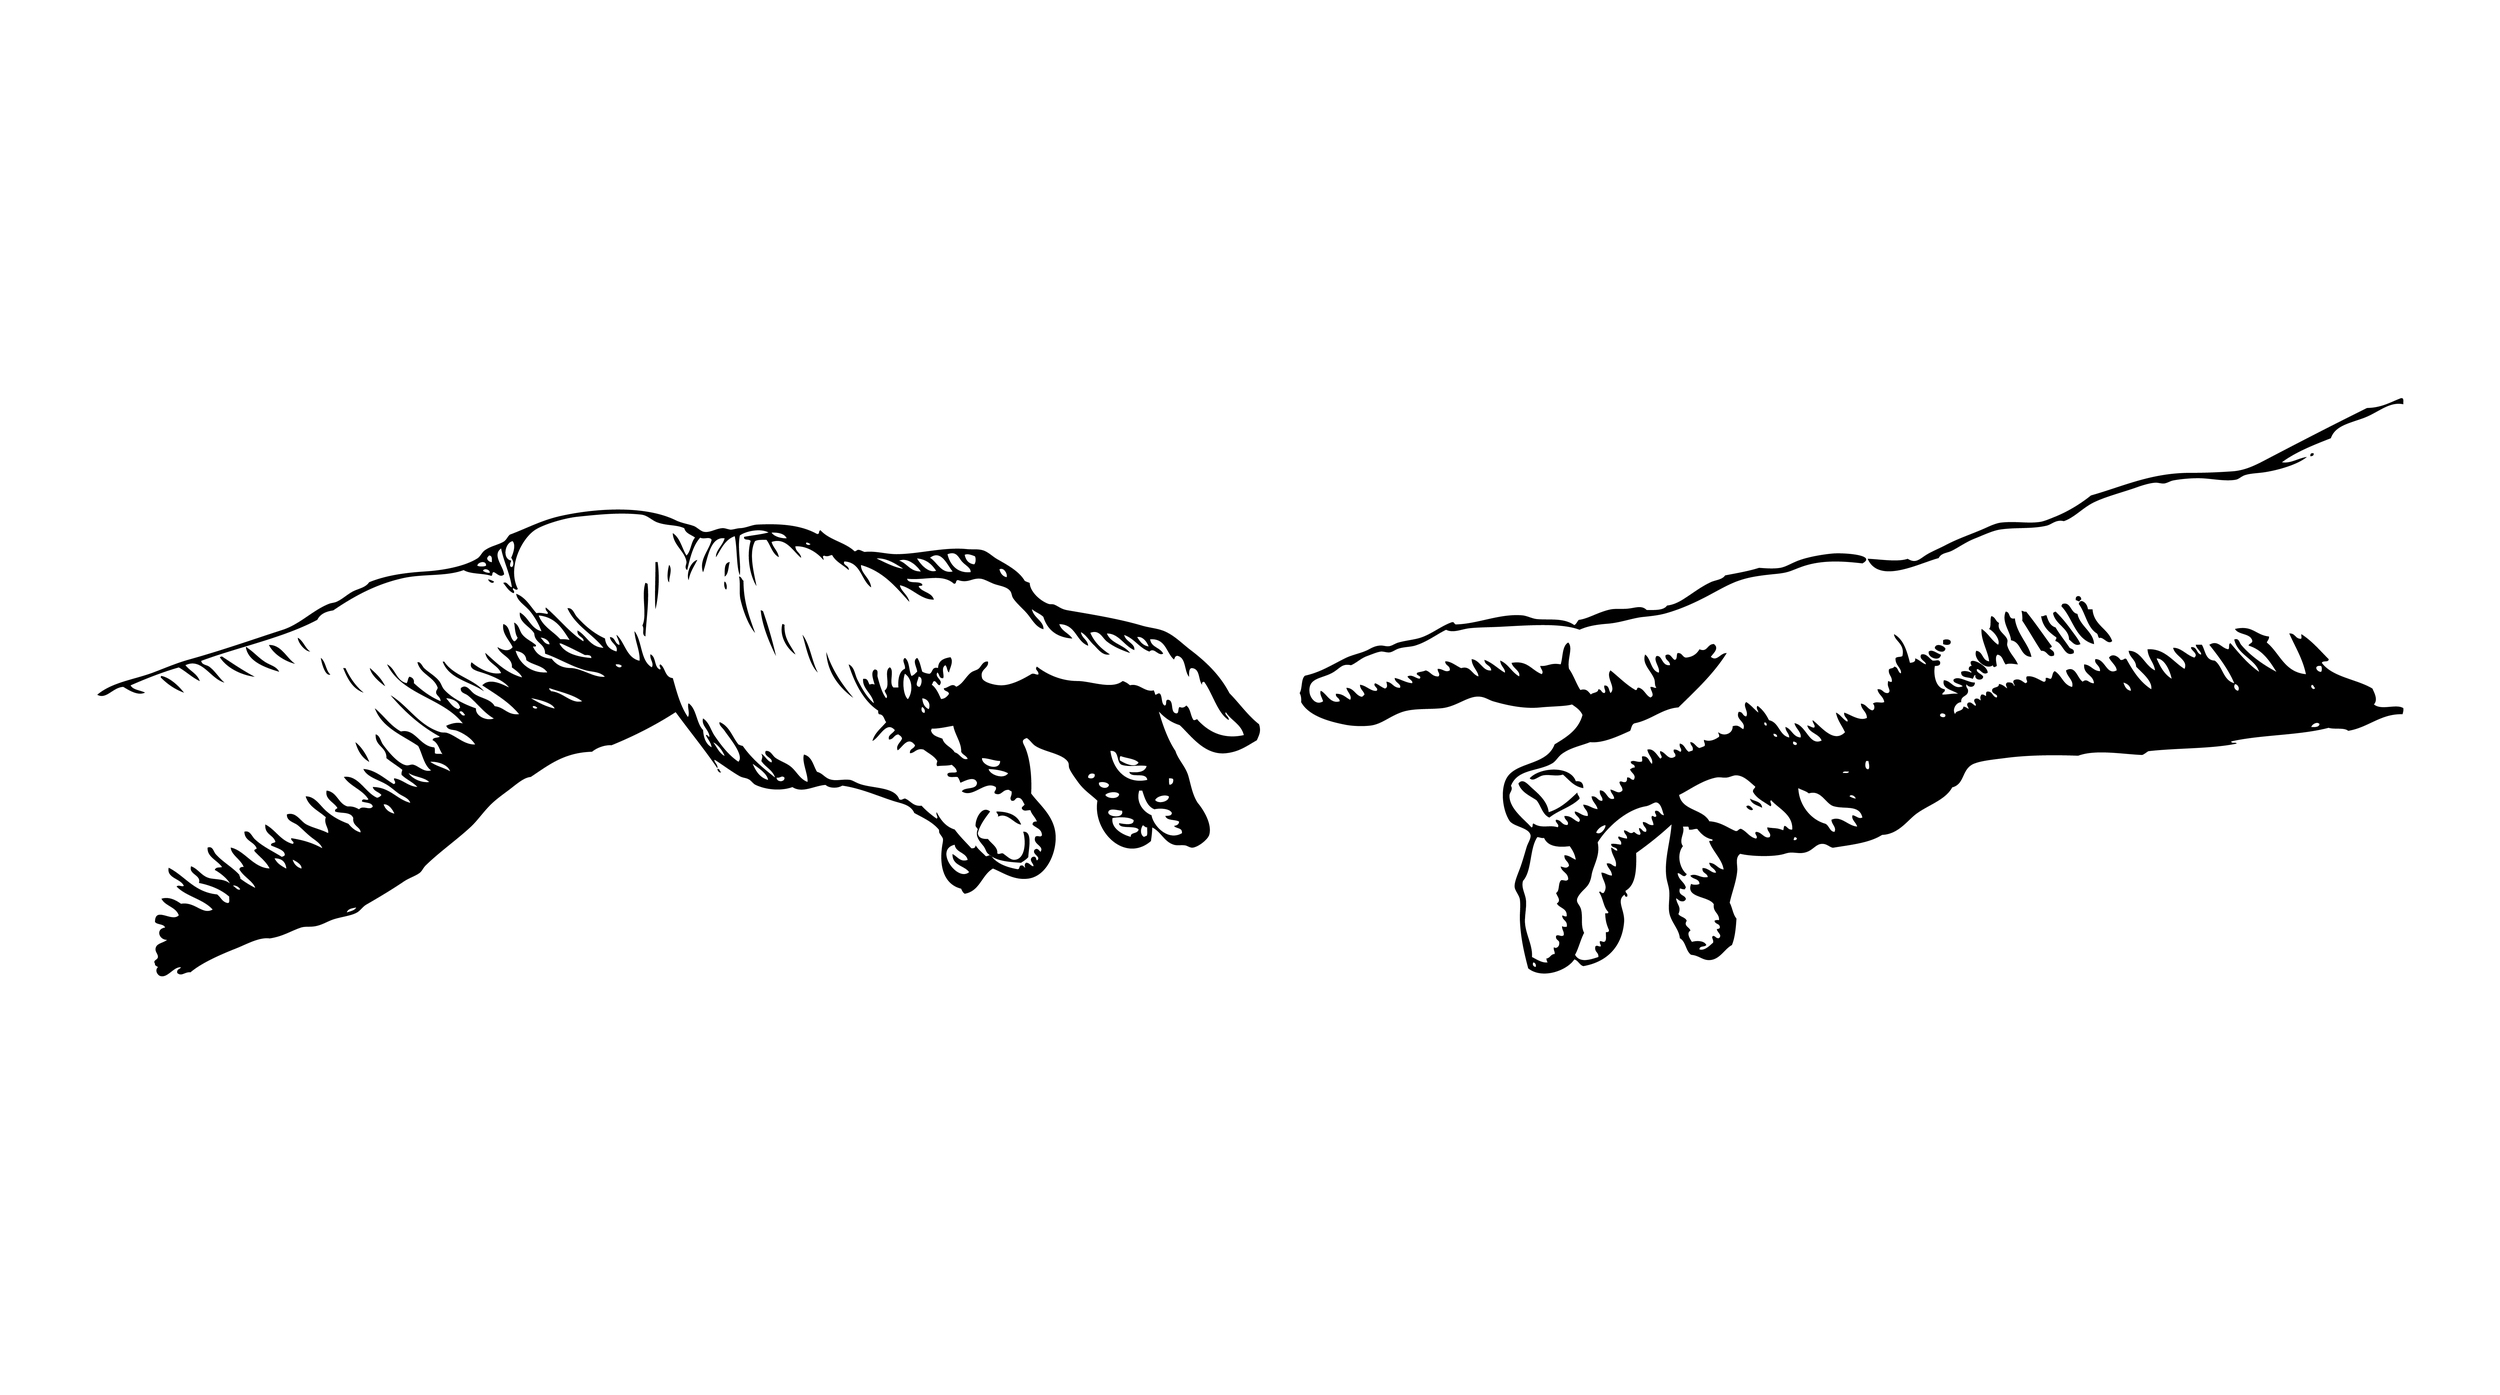 покрыть две руки тянутся друг к другу картинки черно белые лица избранника депутата